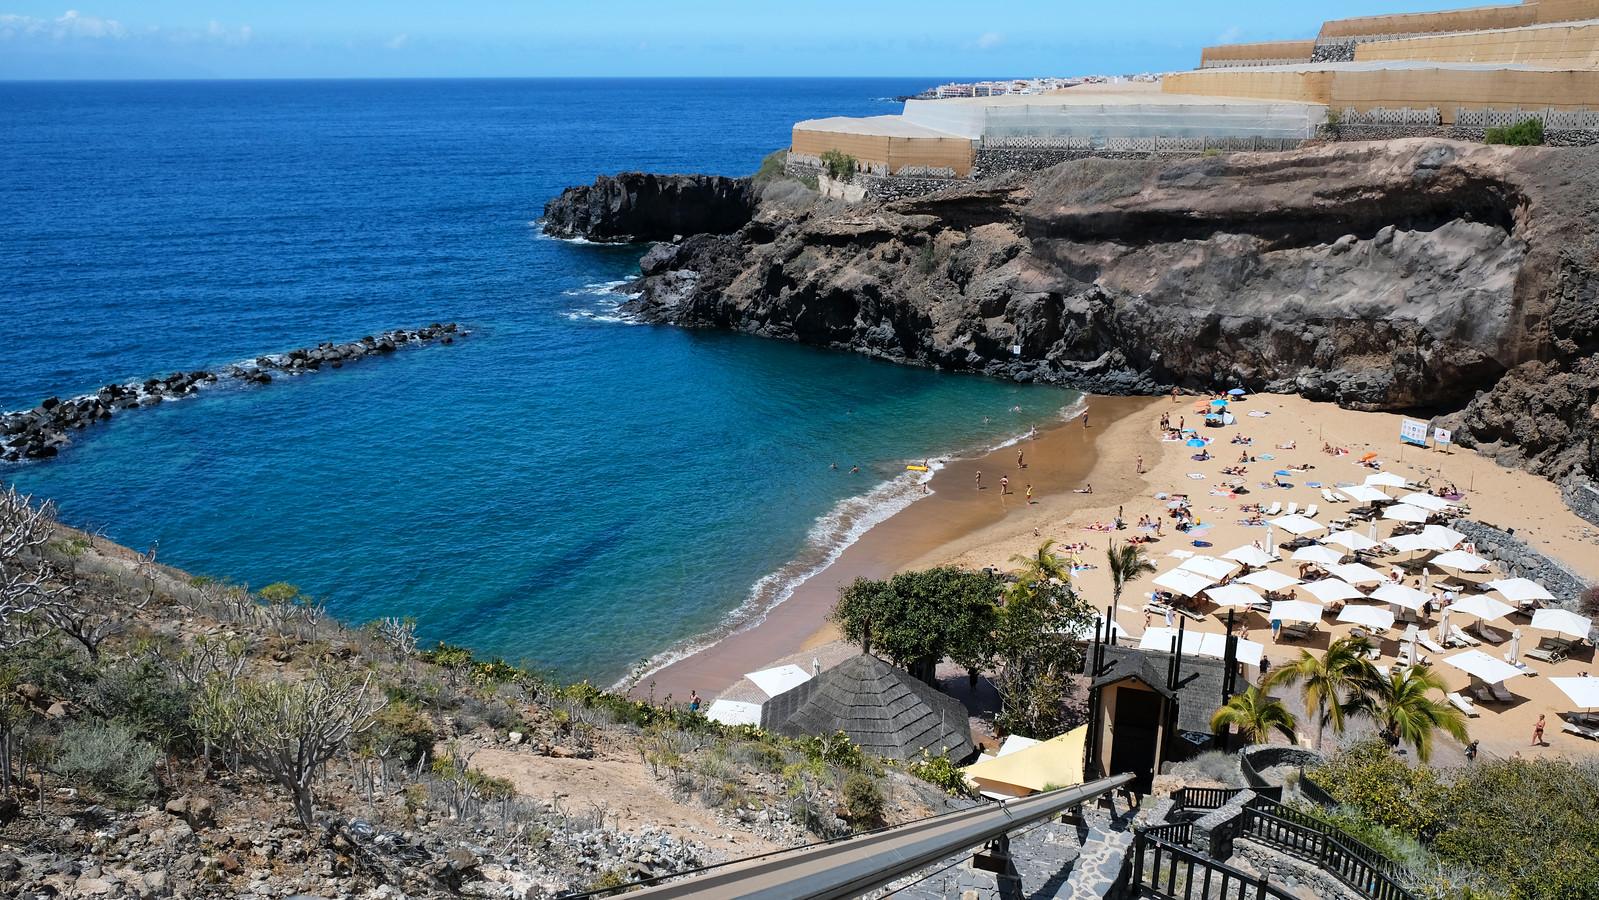 Abama Beach, Guía de Isora, Tenerife, Canary Islands, Spain